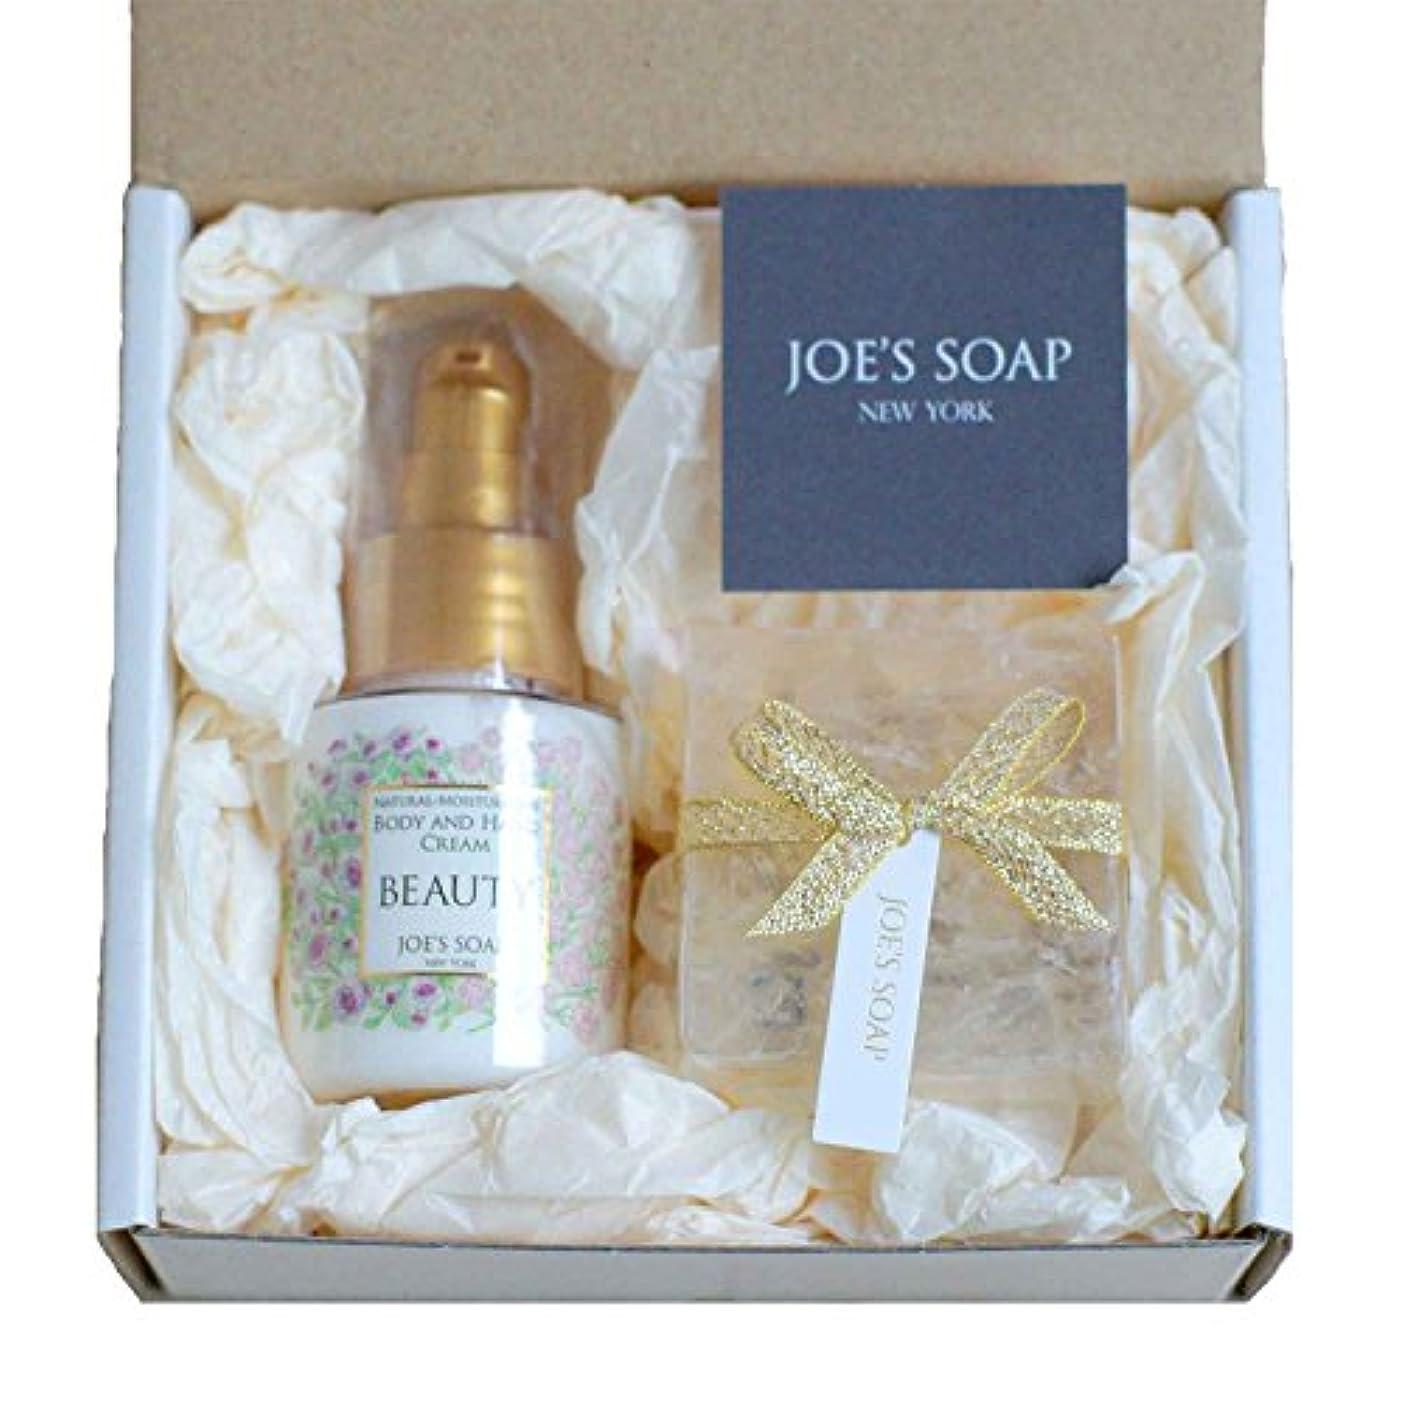 ジレンマリスナーキャップJOE'S SOAP (ジョーズソープ) ギフトボックス(BEAUTY) ハンドクリーム ボディクリーム 石鹸 保湿 ポンプ ボディケア スキンケア ギフト プレゼント いい香り